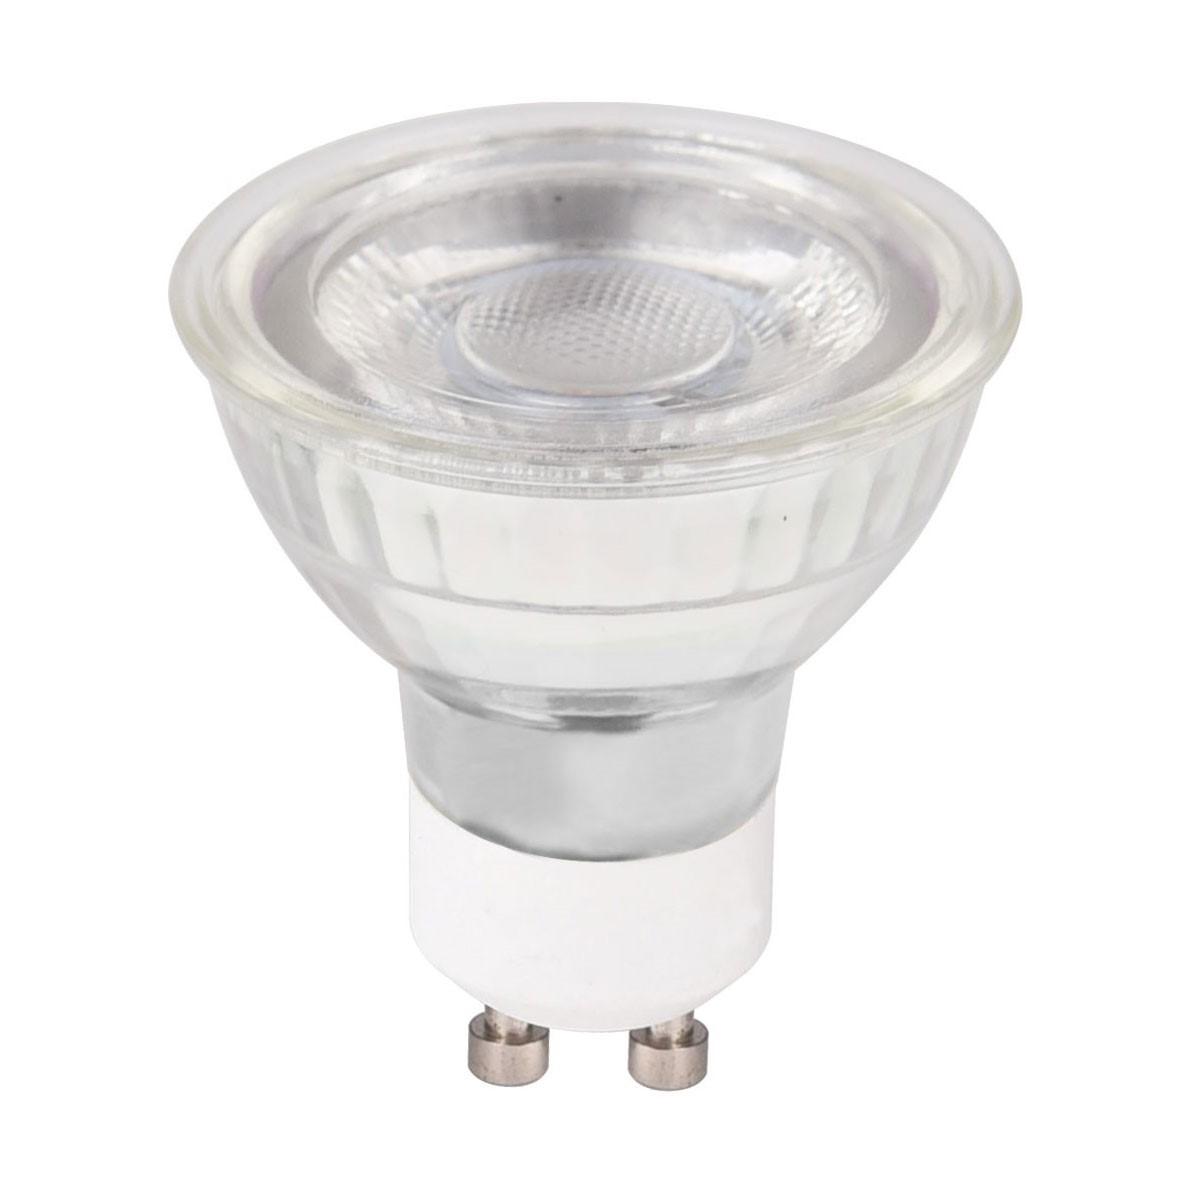 TWILIGHT LED LAMP GLASS  3-25W GU10 5 JAAR GARANTIE